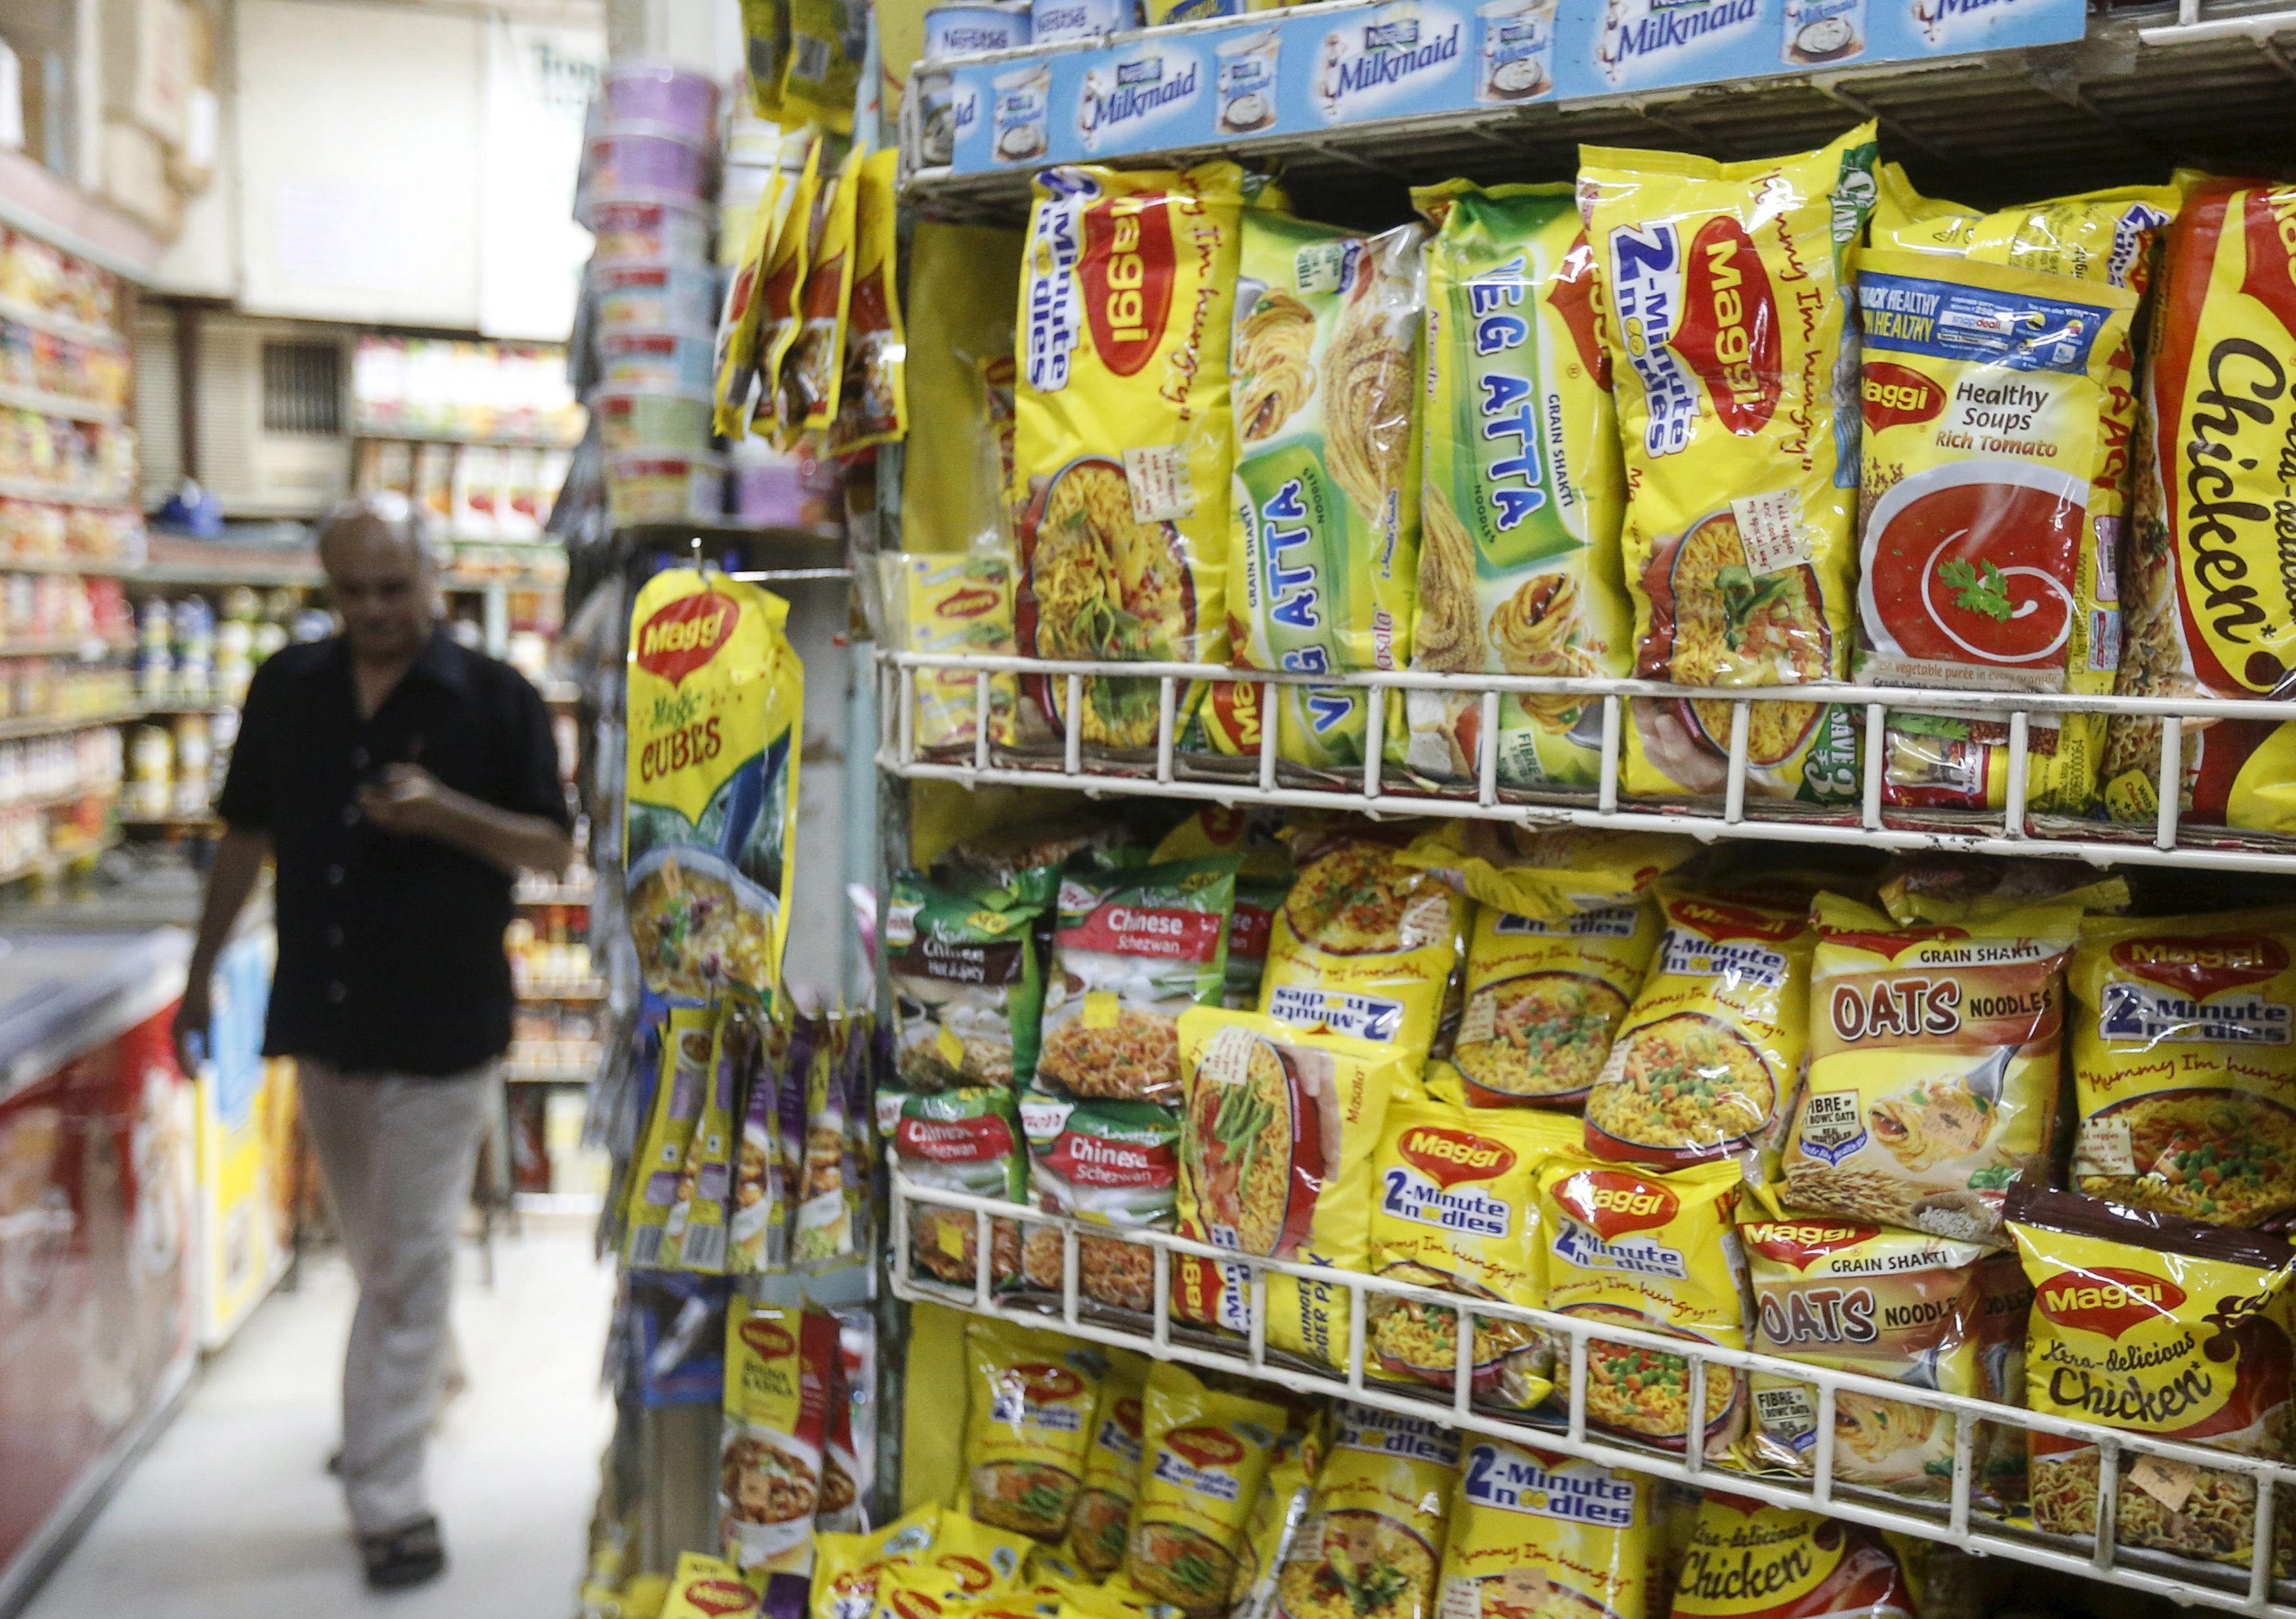 Chinese Product Recalls Maggi